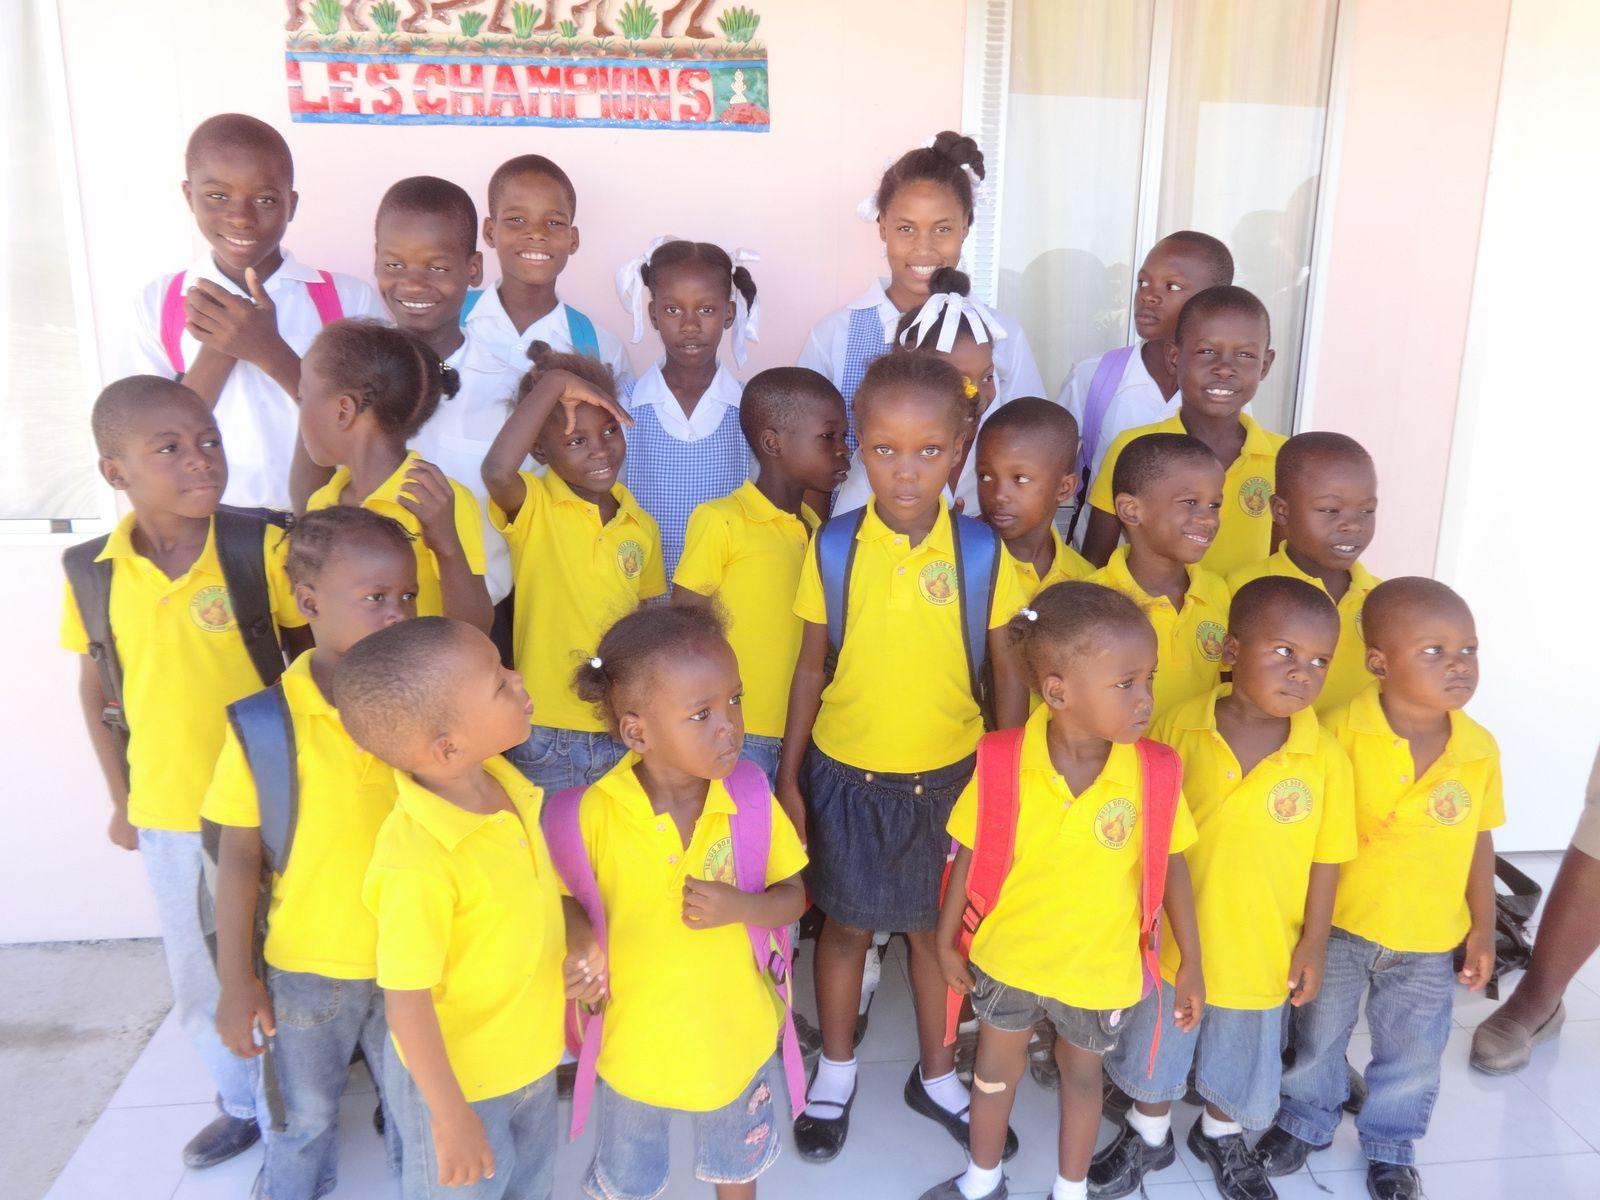 Les enfants en uniforme scolaire